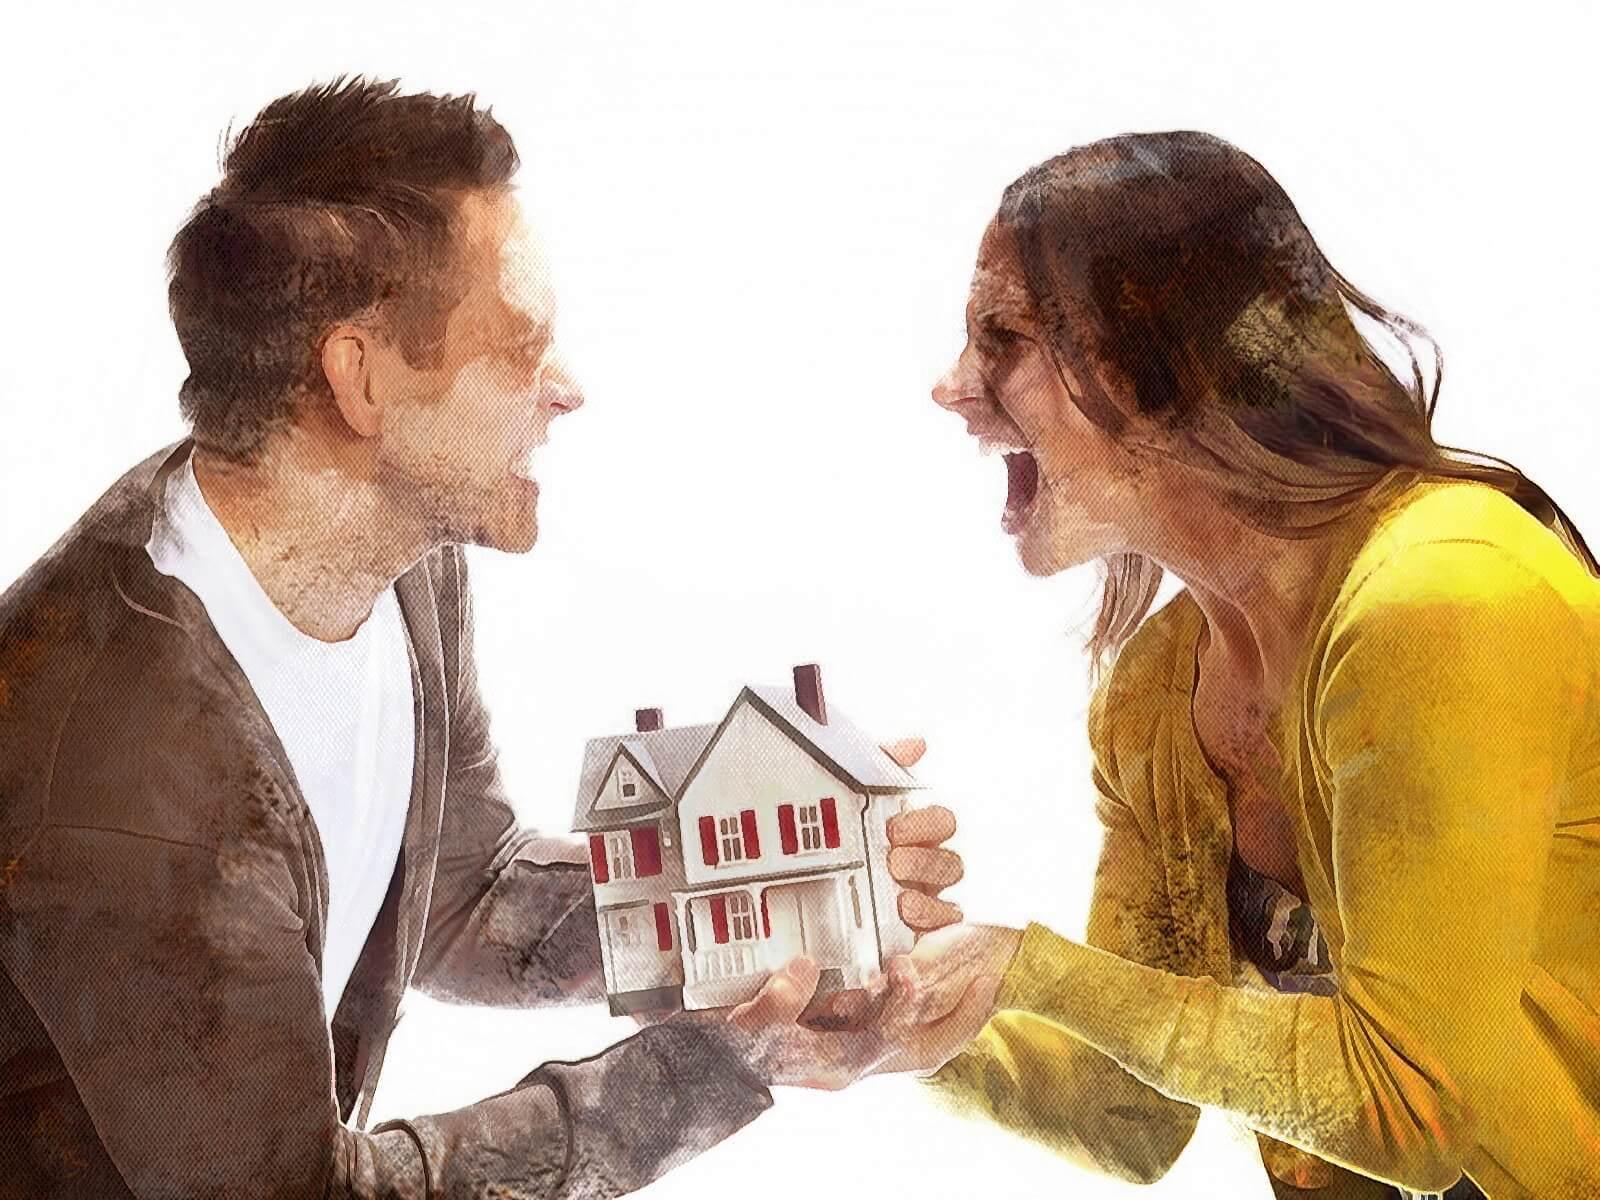 Как разделить квартиру в ипотеке при разводе, как поделить ипотечную квартиру при разводе, как разделить ипотеку при разводе, судебная практика